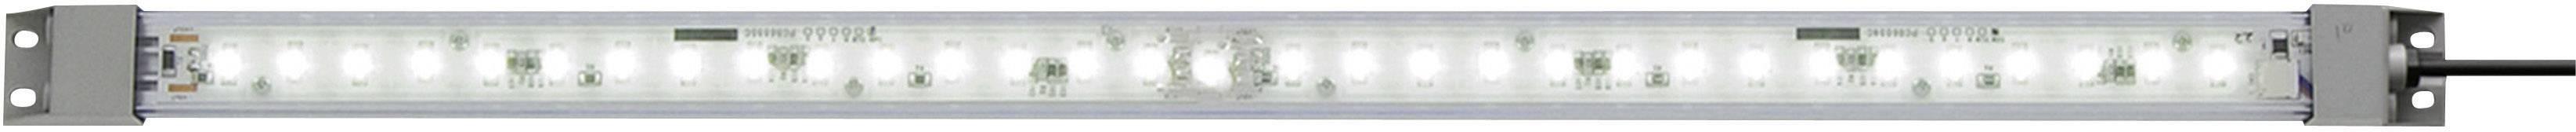 LED osvětlení zařízení LUMIFA Idec LF1B-ND3P-2THWW2-3M, 24 V/DC, bílá